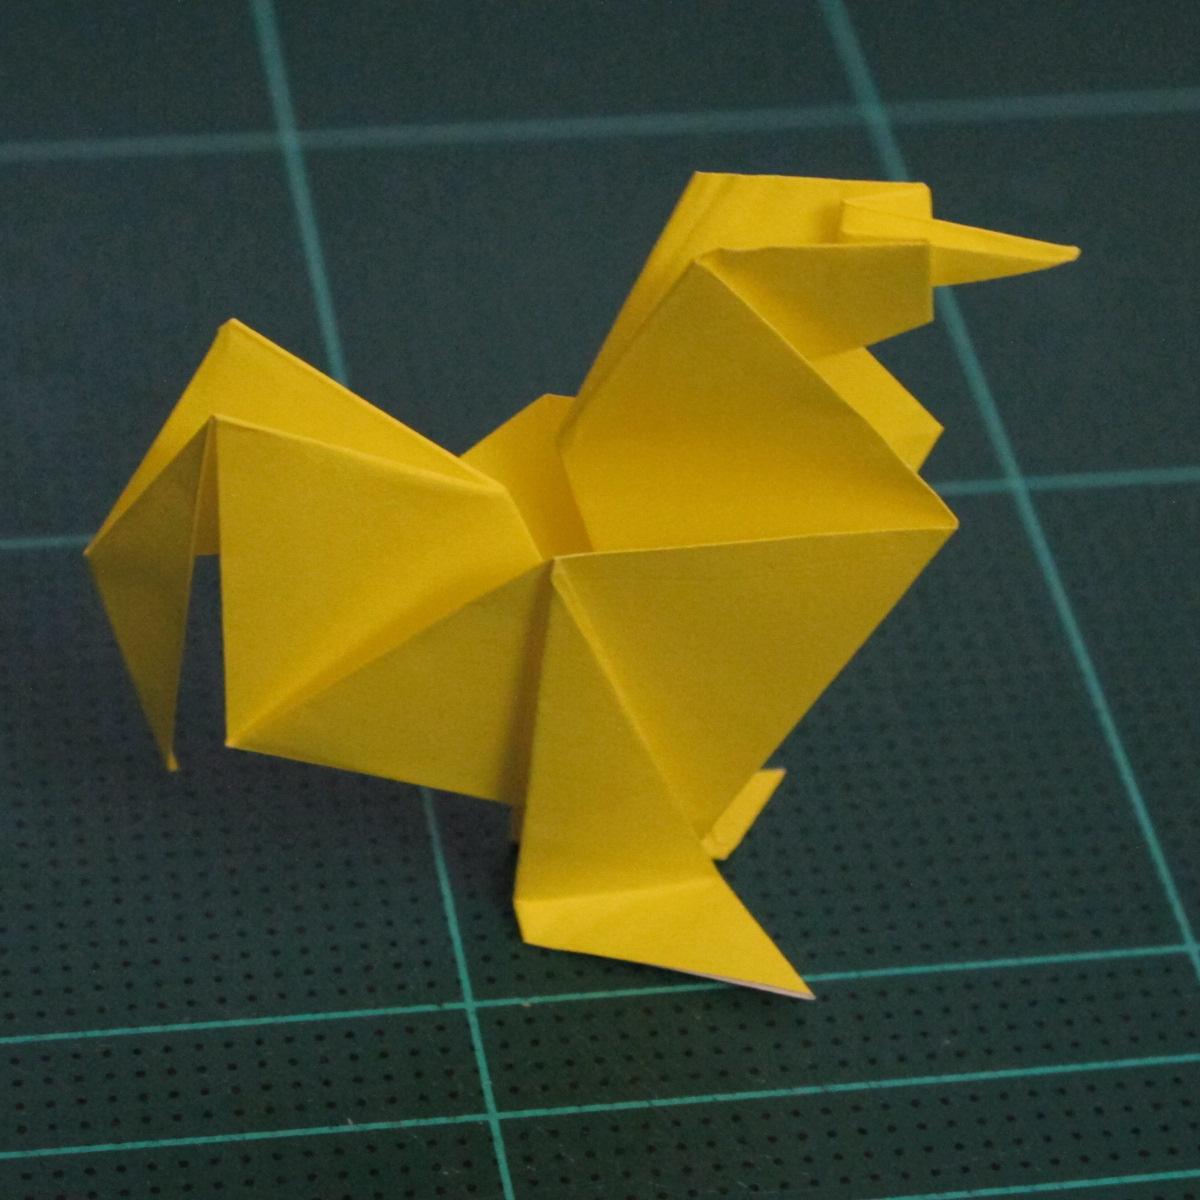 การพับกระดาษเป็นรูปไก่ (Origami Rooster) 010